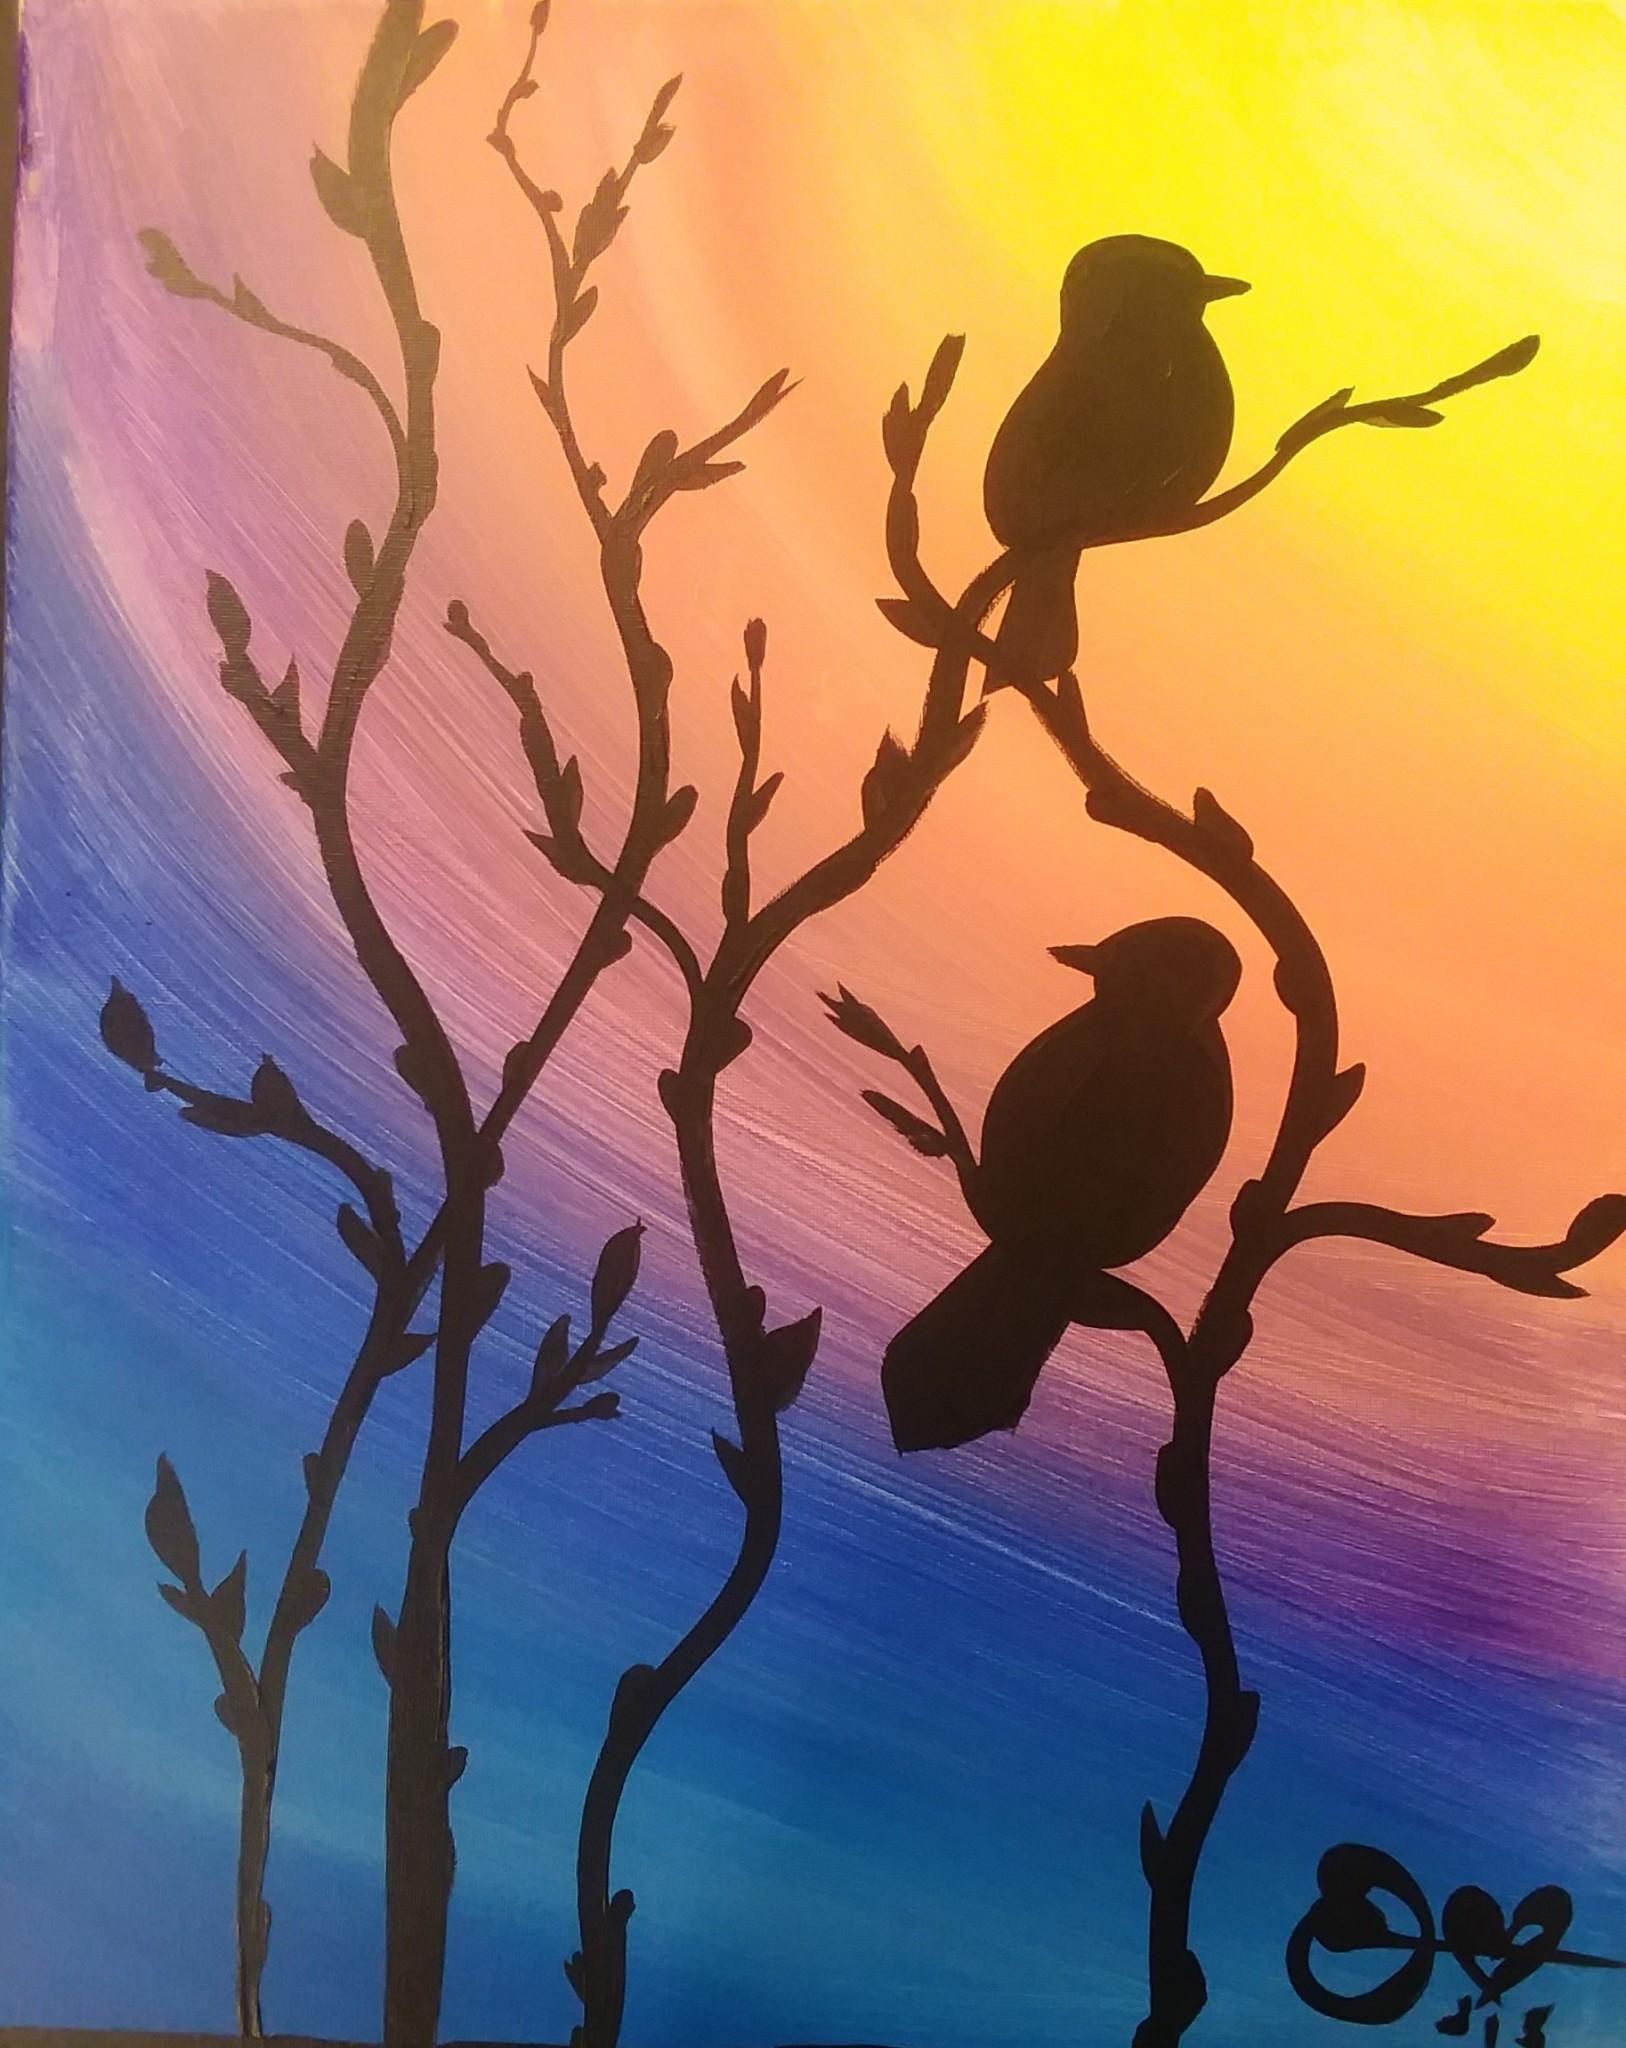 Perched Birds